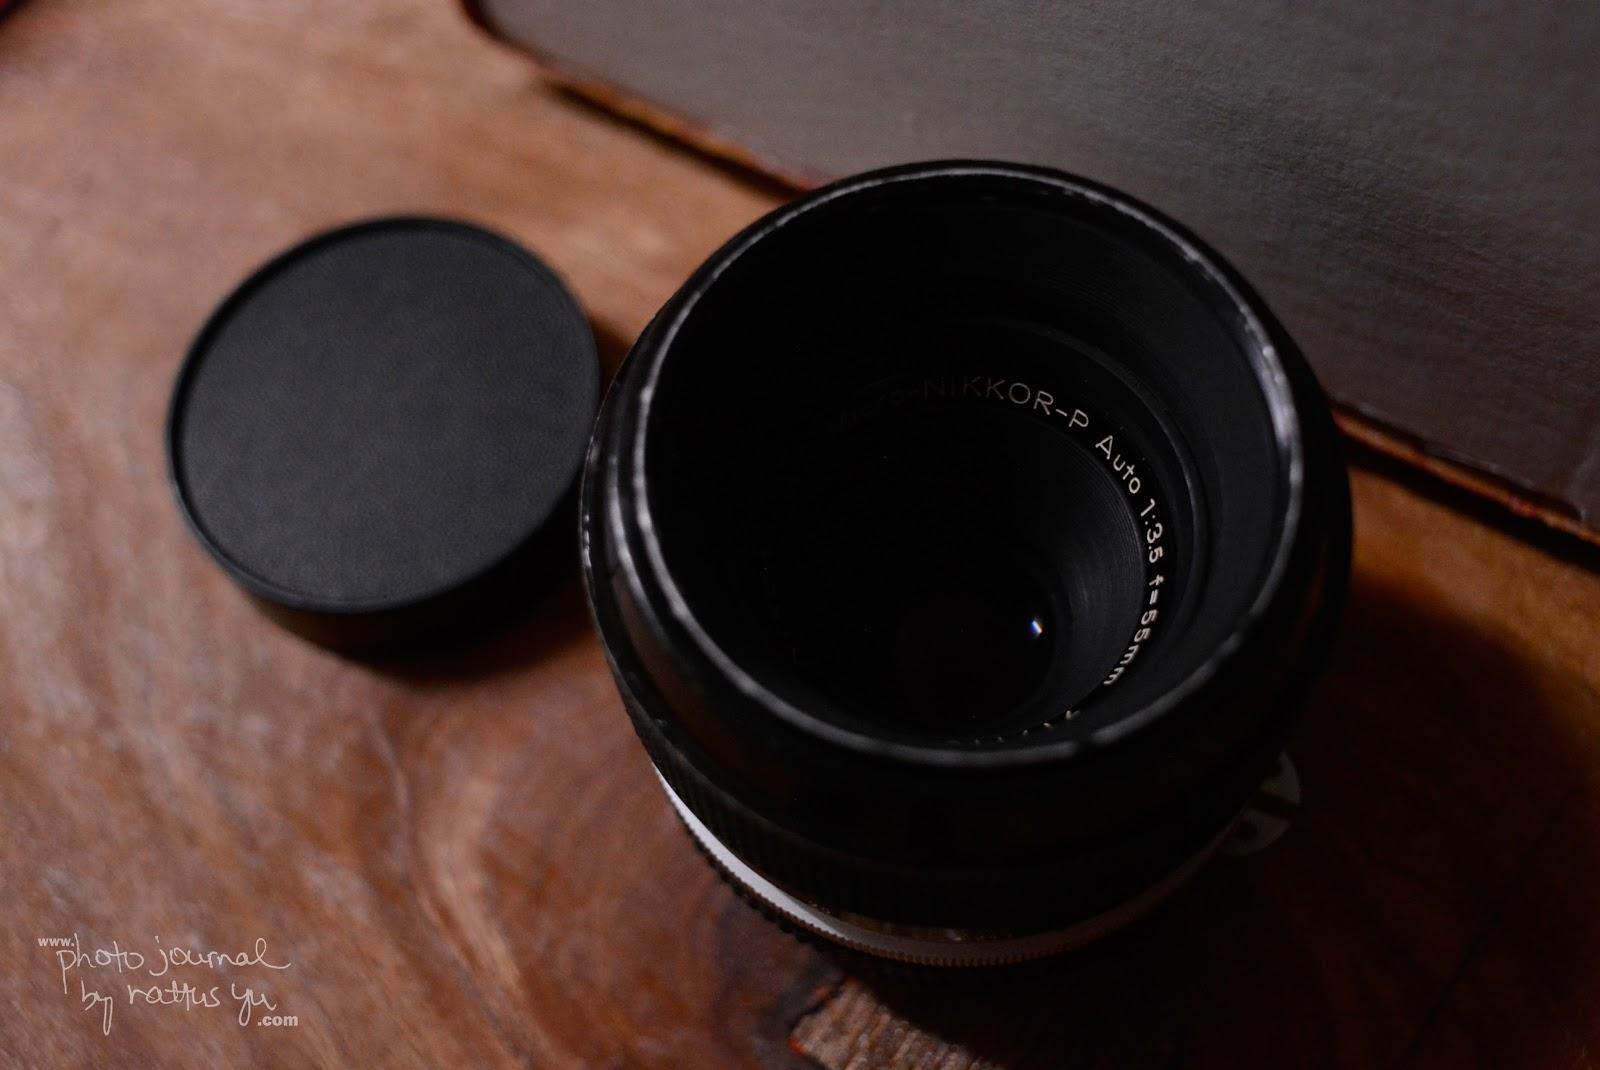 Super-Multi-Coated TAKUMAR 28mm f/3.5 by Asahi Optical Co.